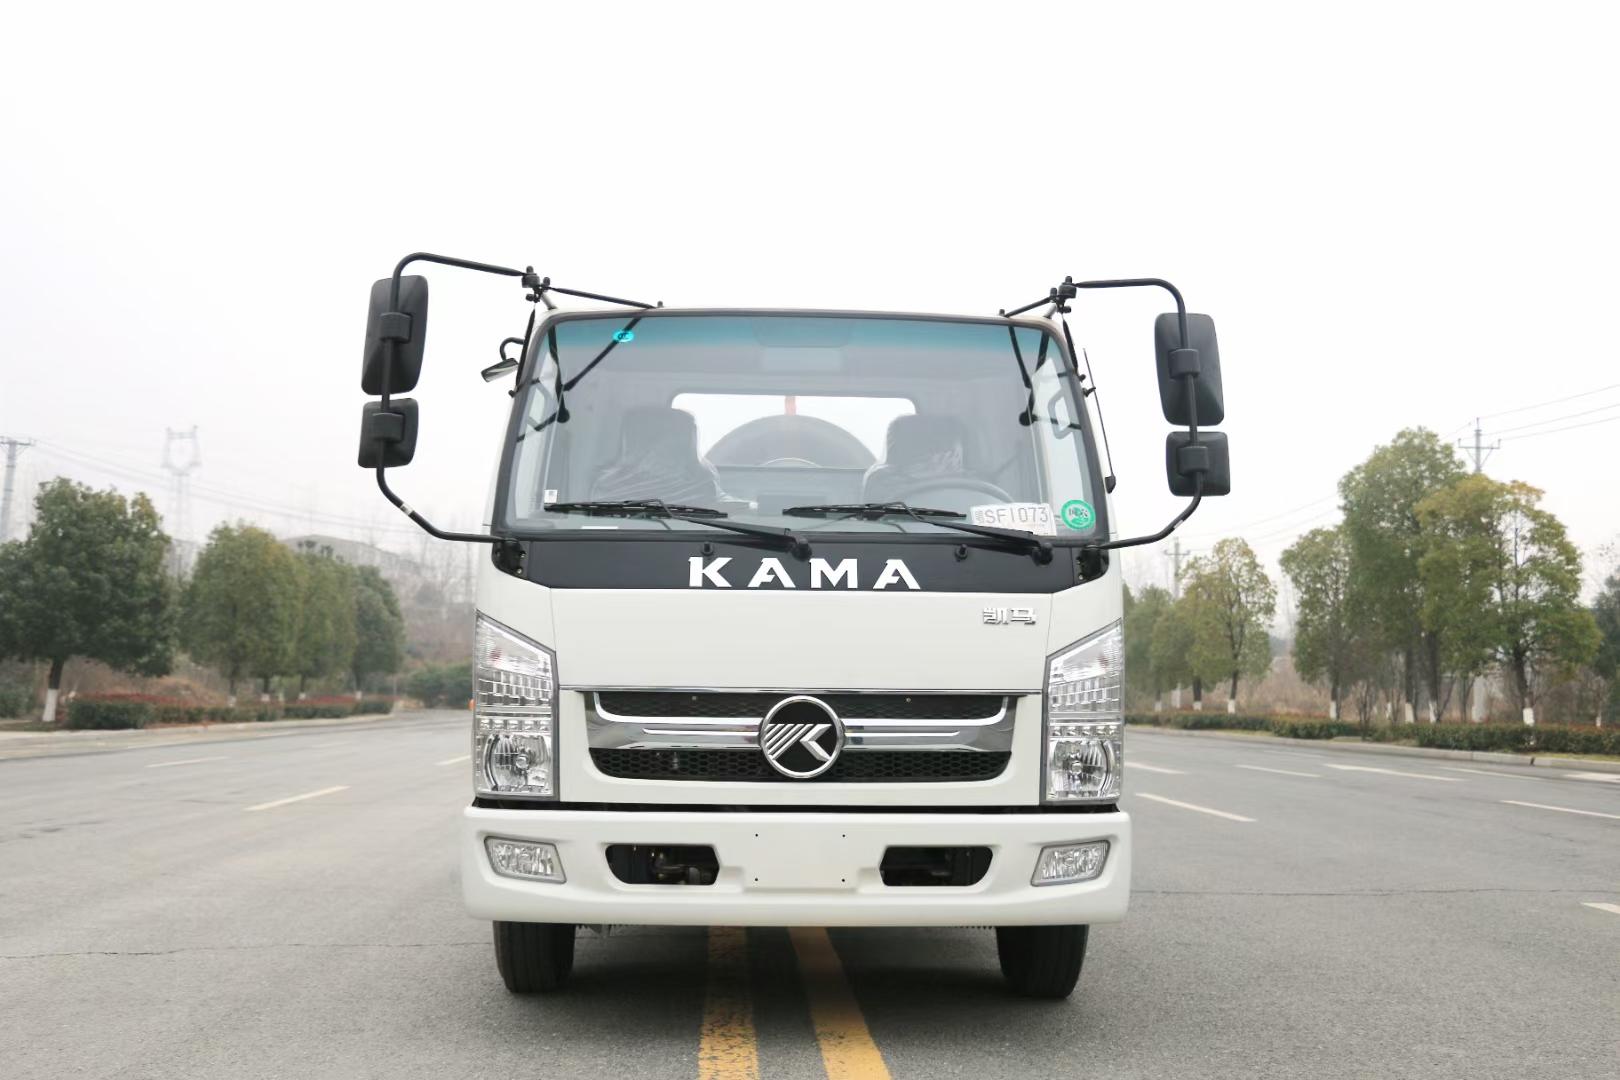 凱馬藍牌車廂可卸式垃圾車廠家直銷在哪里包送到家圖片